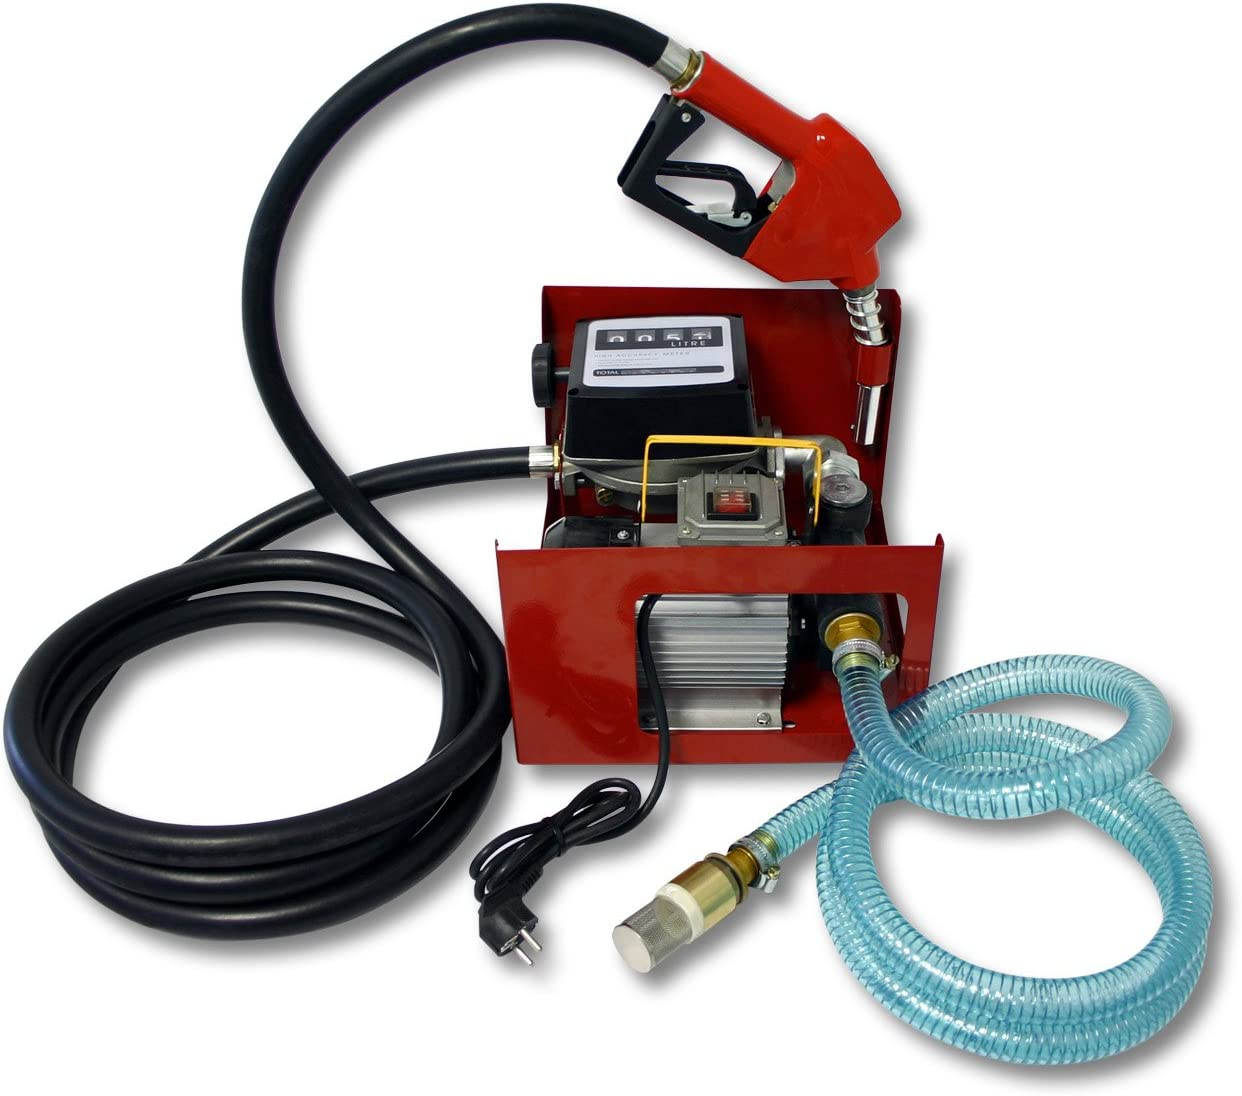 Bomba autocebante para Bio Diesel y gasóleo 230V/550W 60l/min con Pistola Maquinaria Calefacción